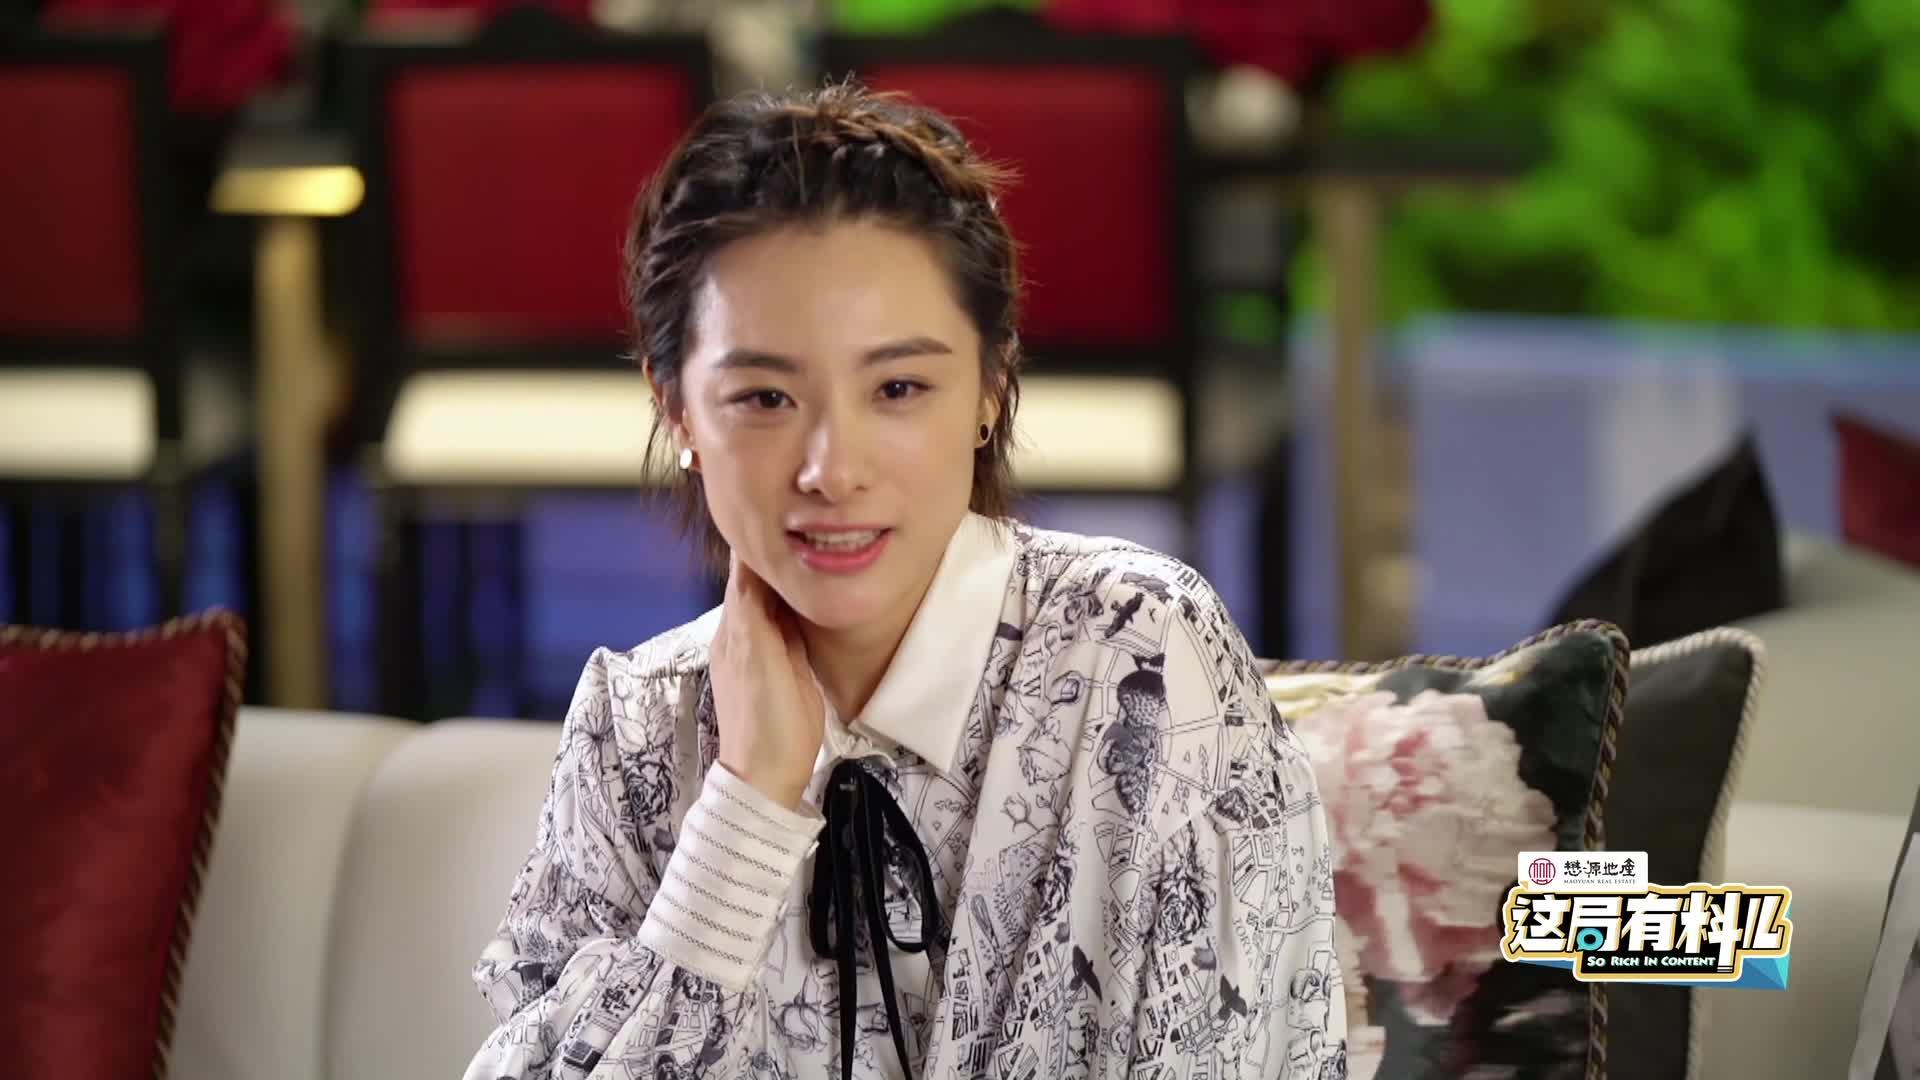 《这局有料儿》丈夫亲手操办的婚礼是让刘璇最感动的时刻